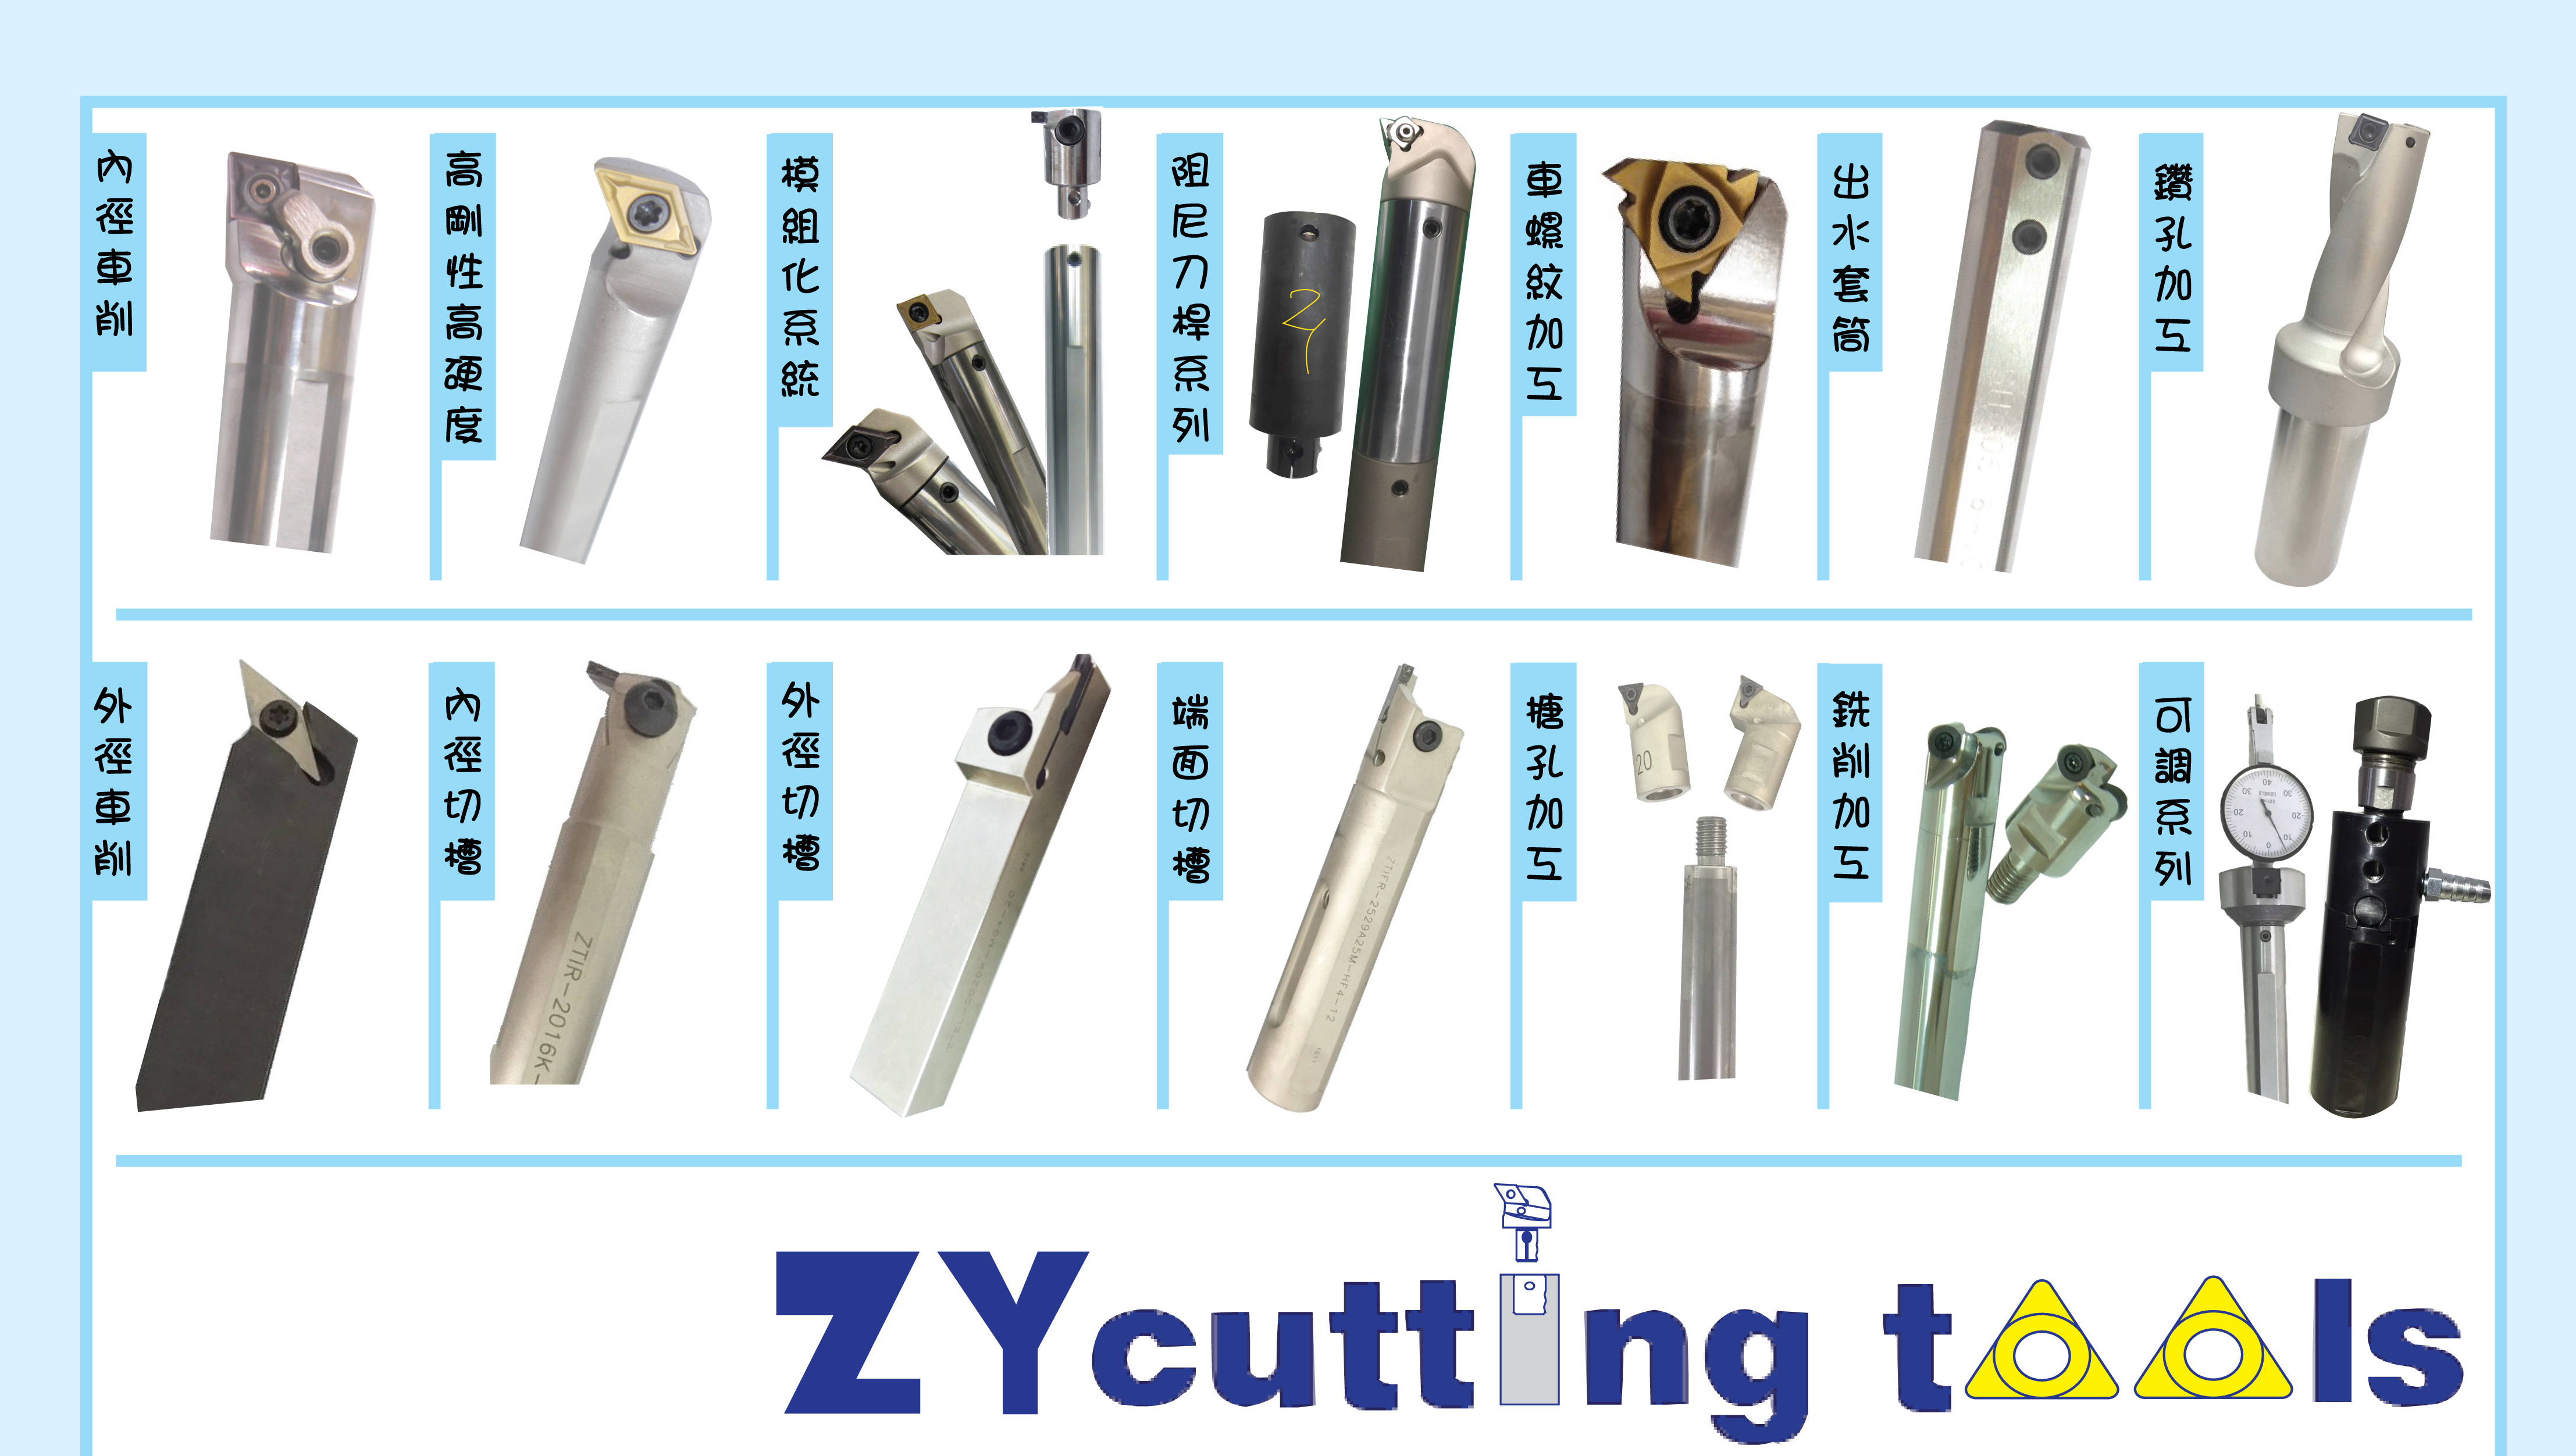 內/外徑車刀、模組化刀桿、阻尼吸震刀桿、C型快鑽、內外徑切槽刀、內外徑牙刀....